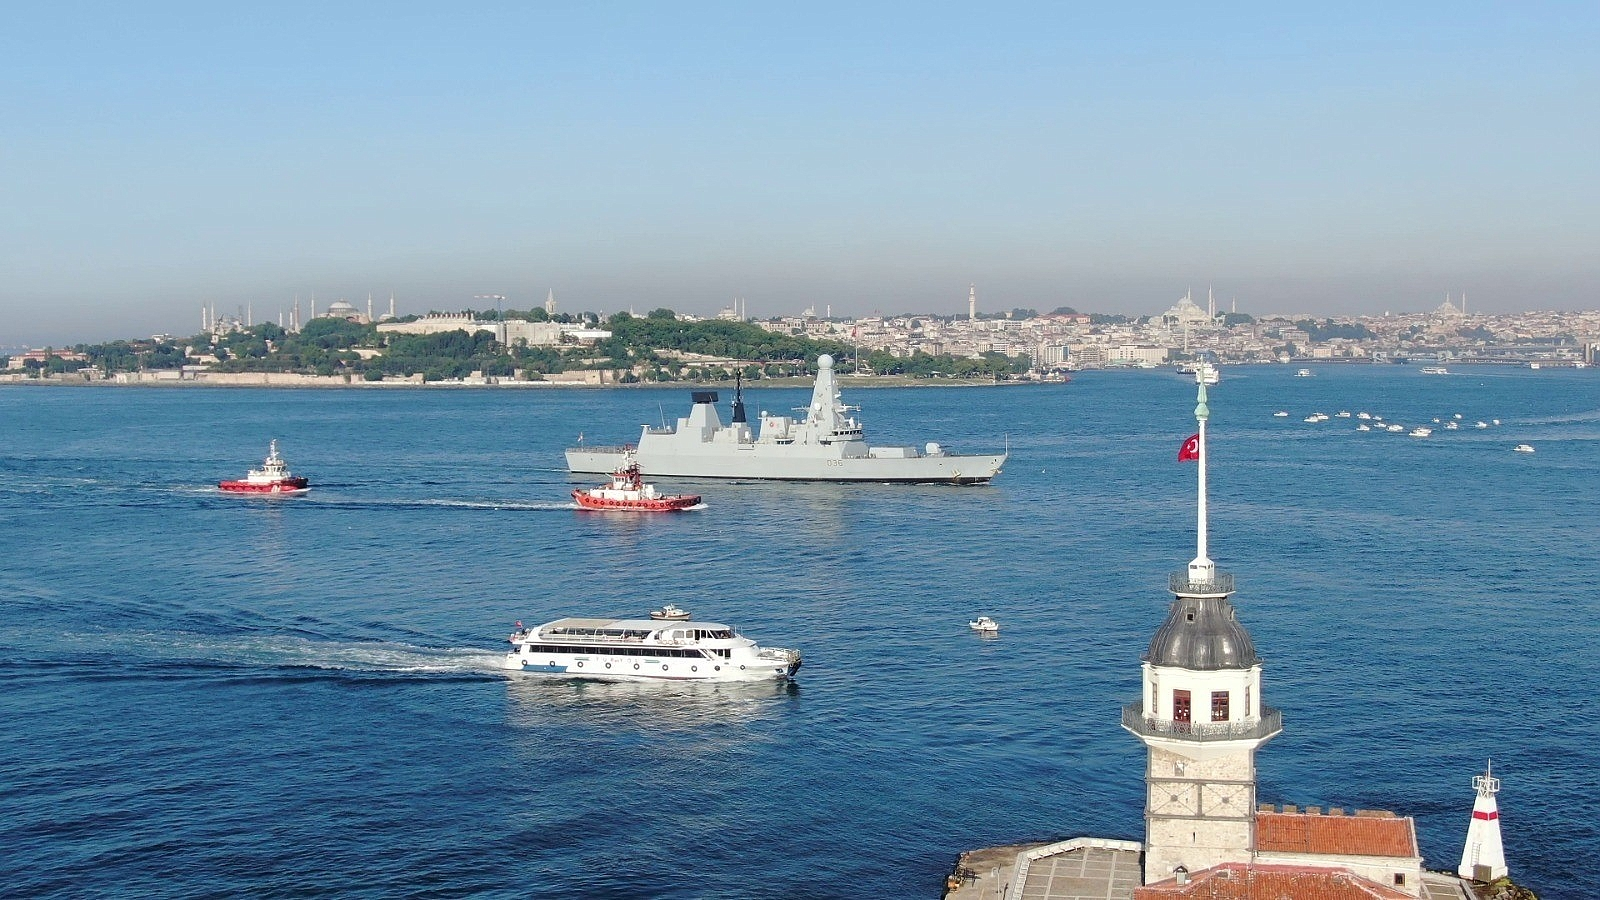 2021/06/ingiliz-savas-gemisi-sarayburnuna-demirledi-20210609AW34-3.jpg